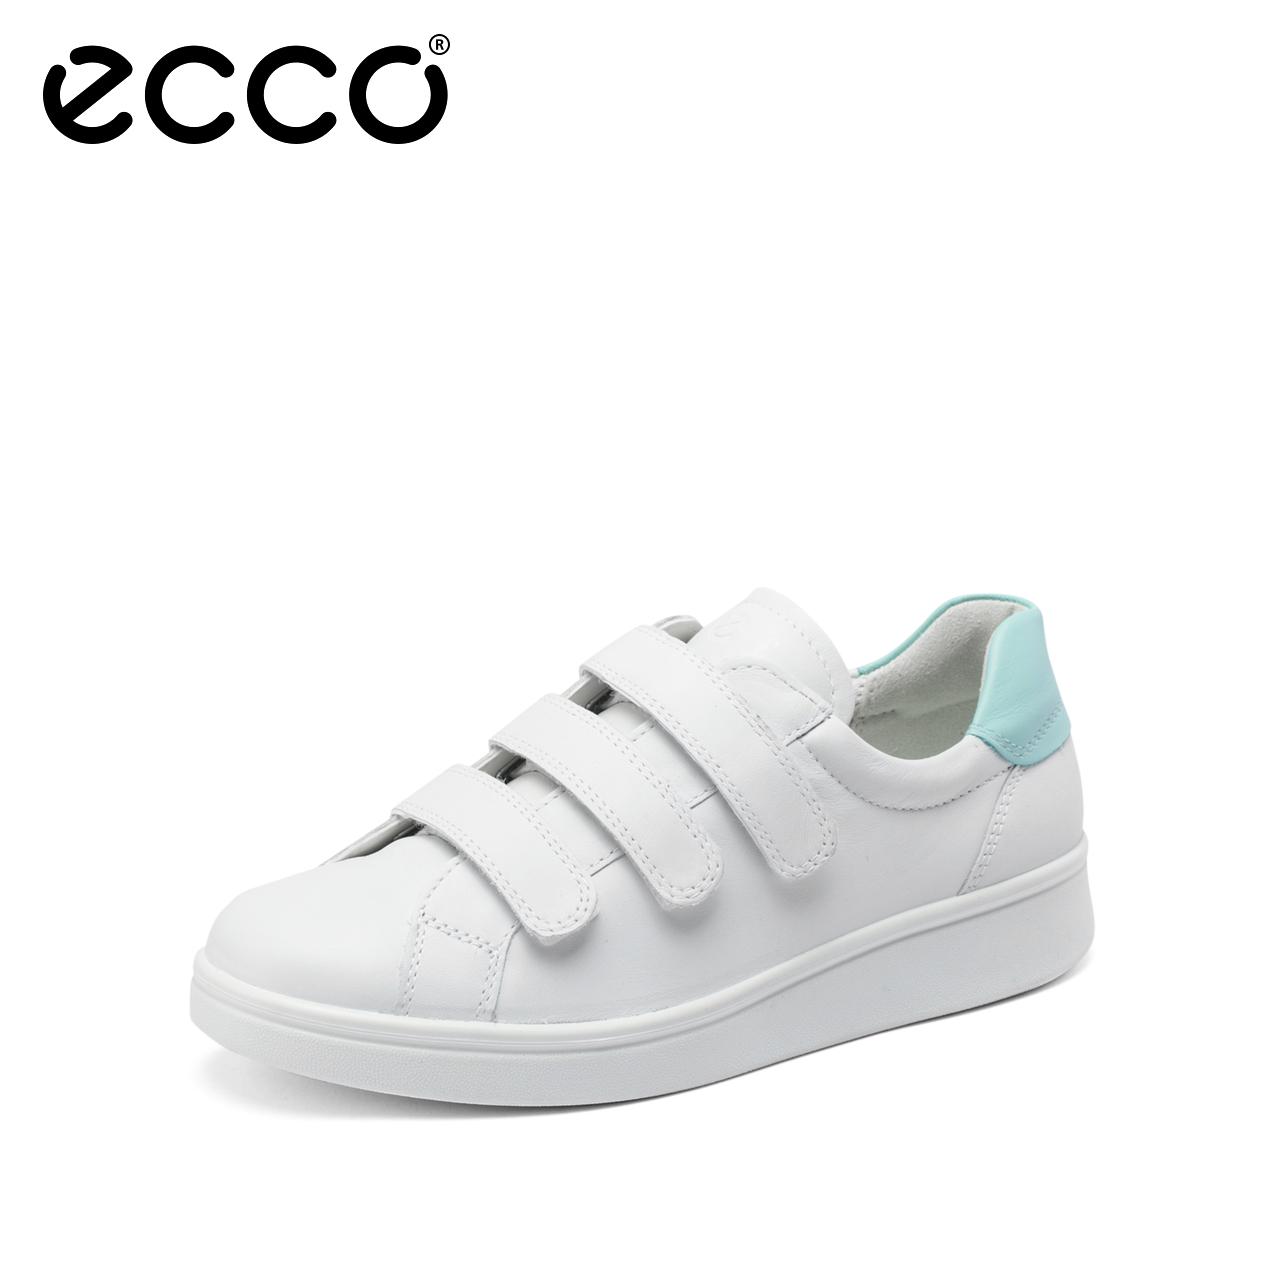 ECCO 爱步 Soft 4 柔酷4号 三魔术贴 女式休闲鞋 38码$54.43 海淘转运到手约¥475 天猫¥1399